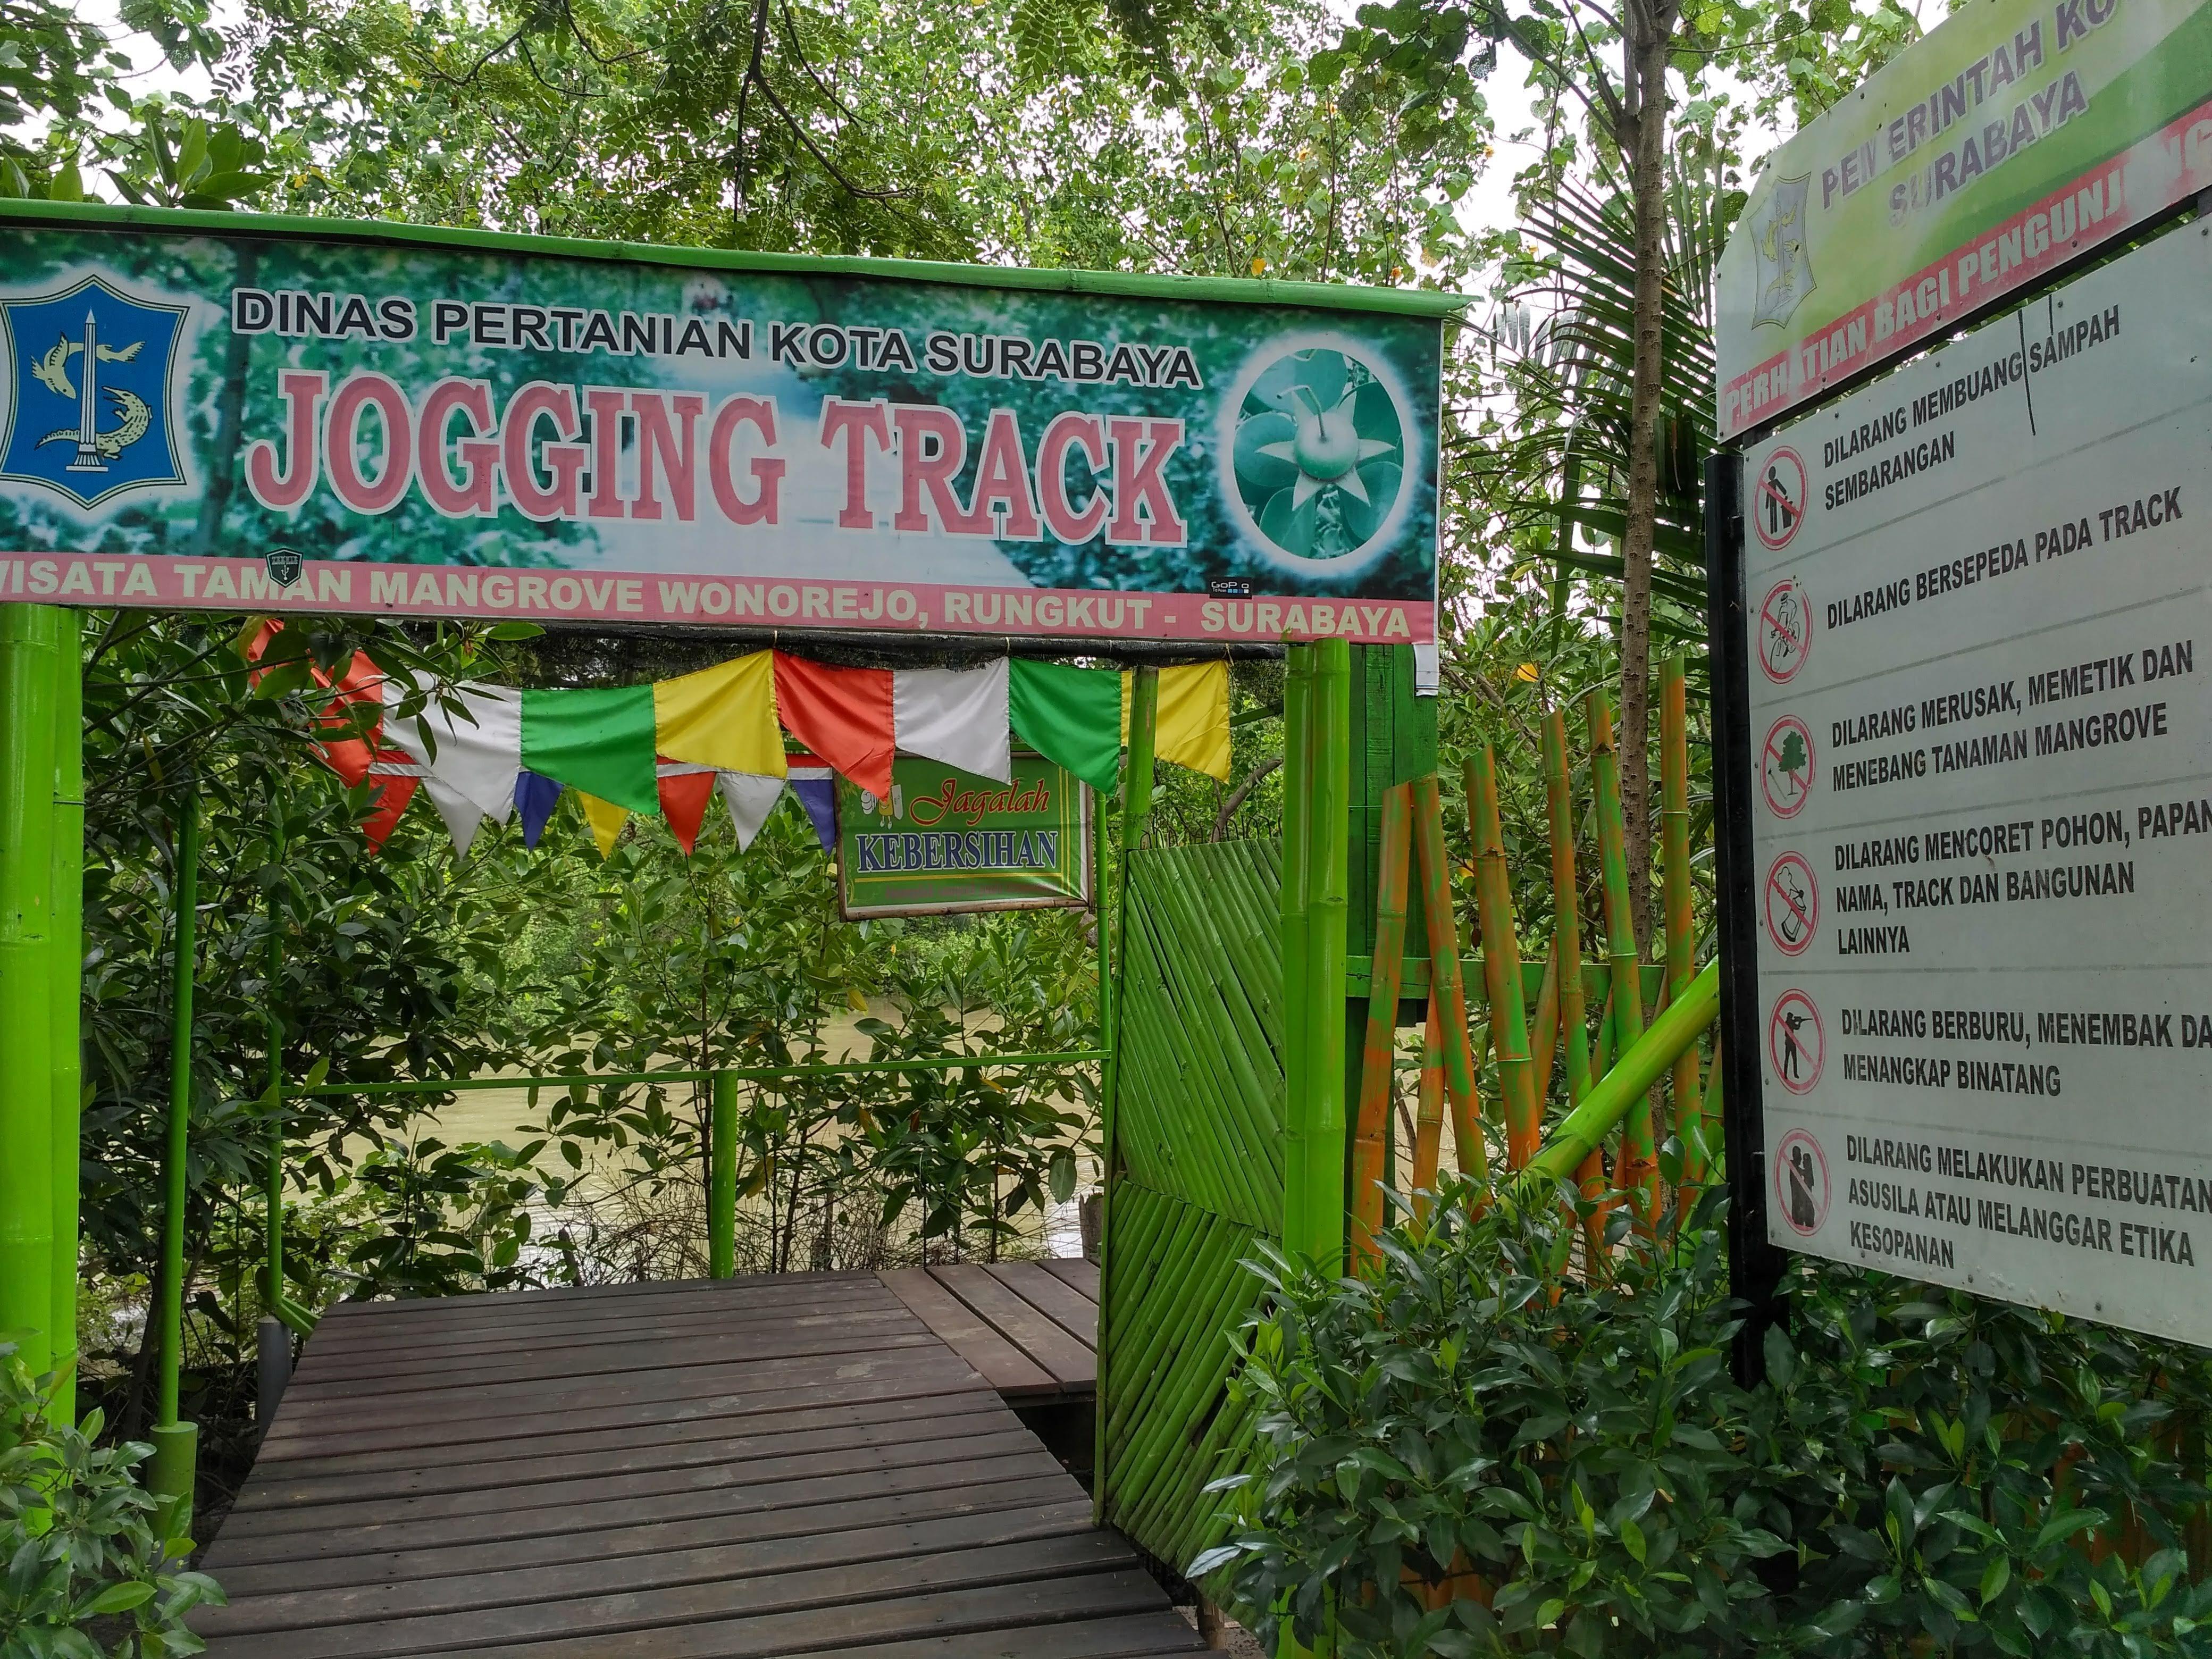 Jogging Track Taman Mangrove Wonorejo